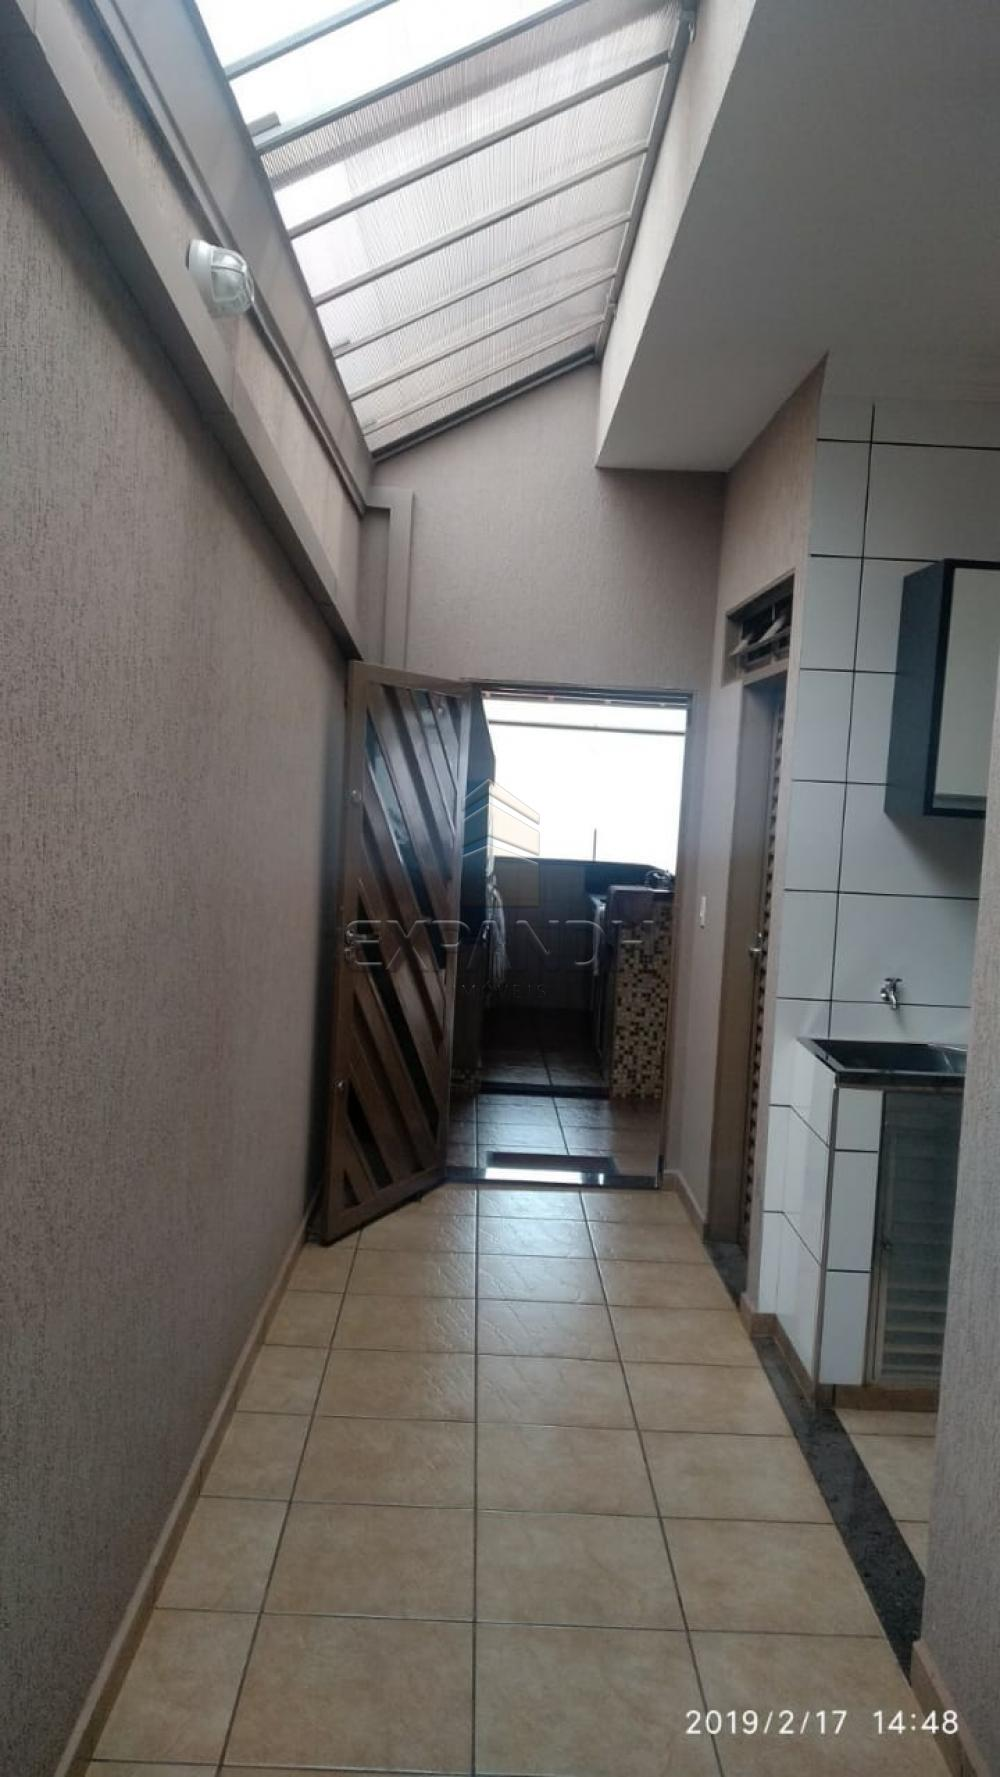 Comprar Casas / Padrão em Sertãozinho apenas R$ 355.000,00 - Foto 13